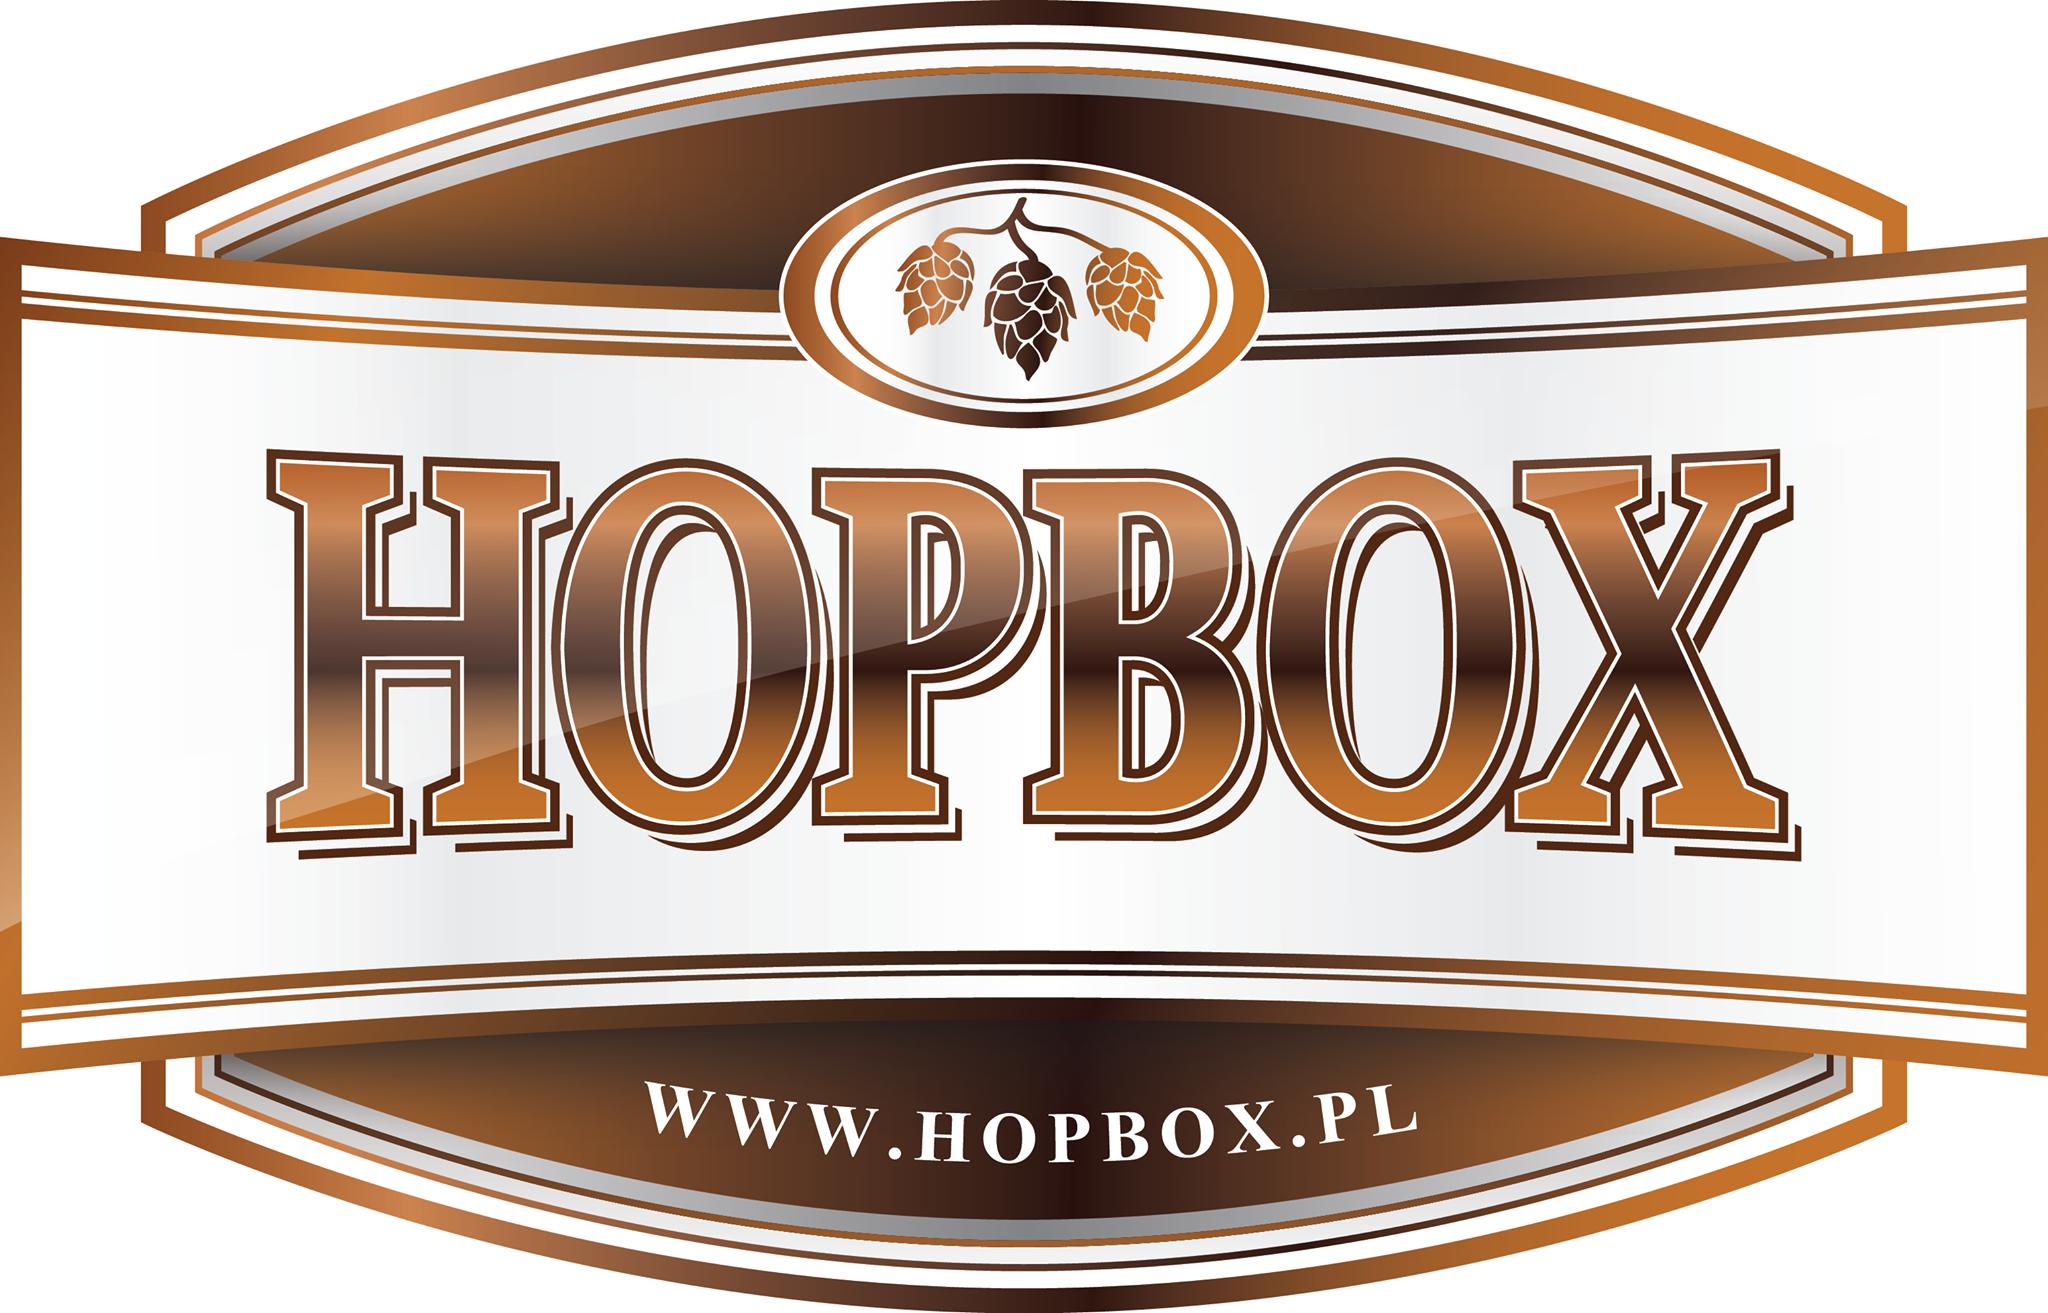 HOPBOX.PL